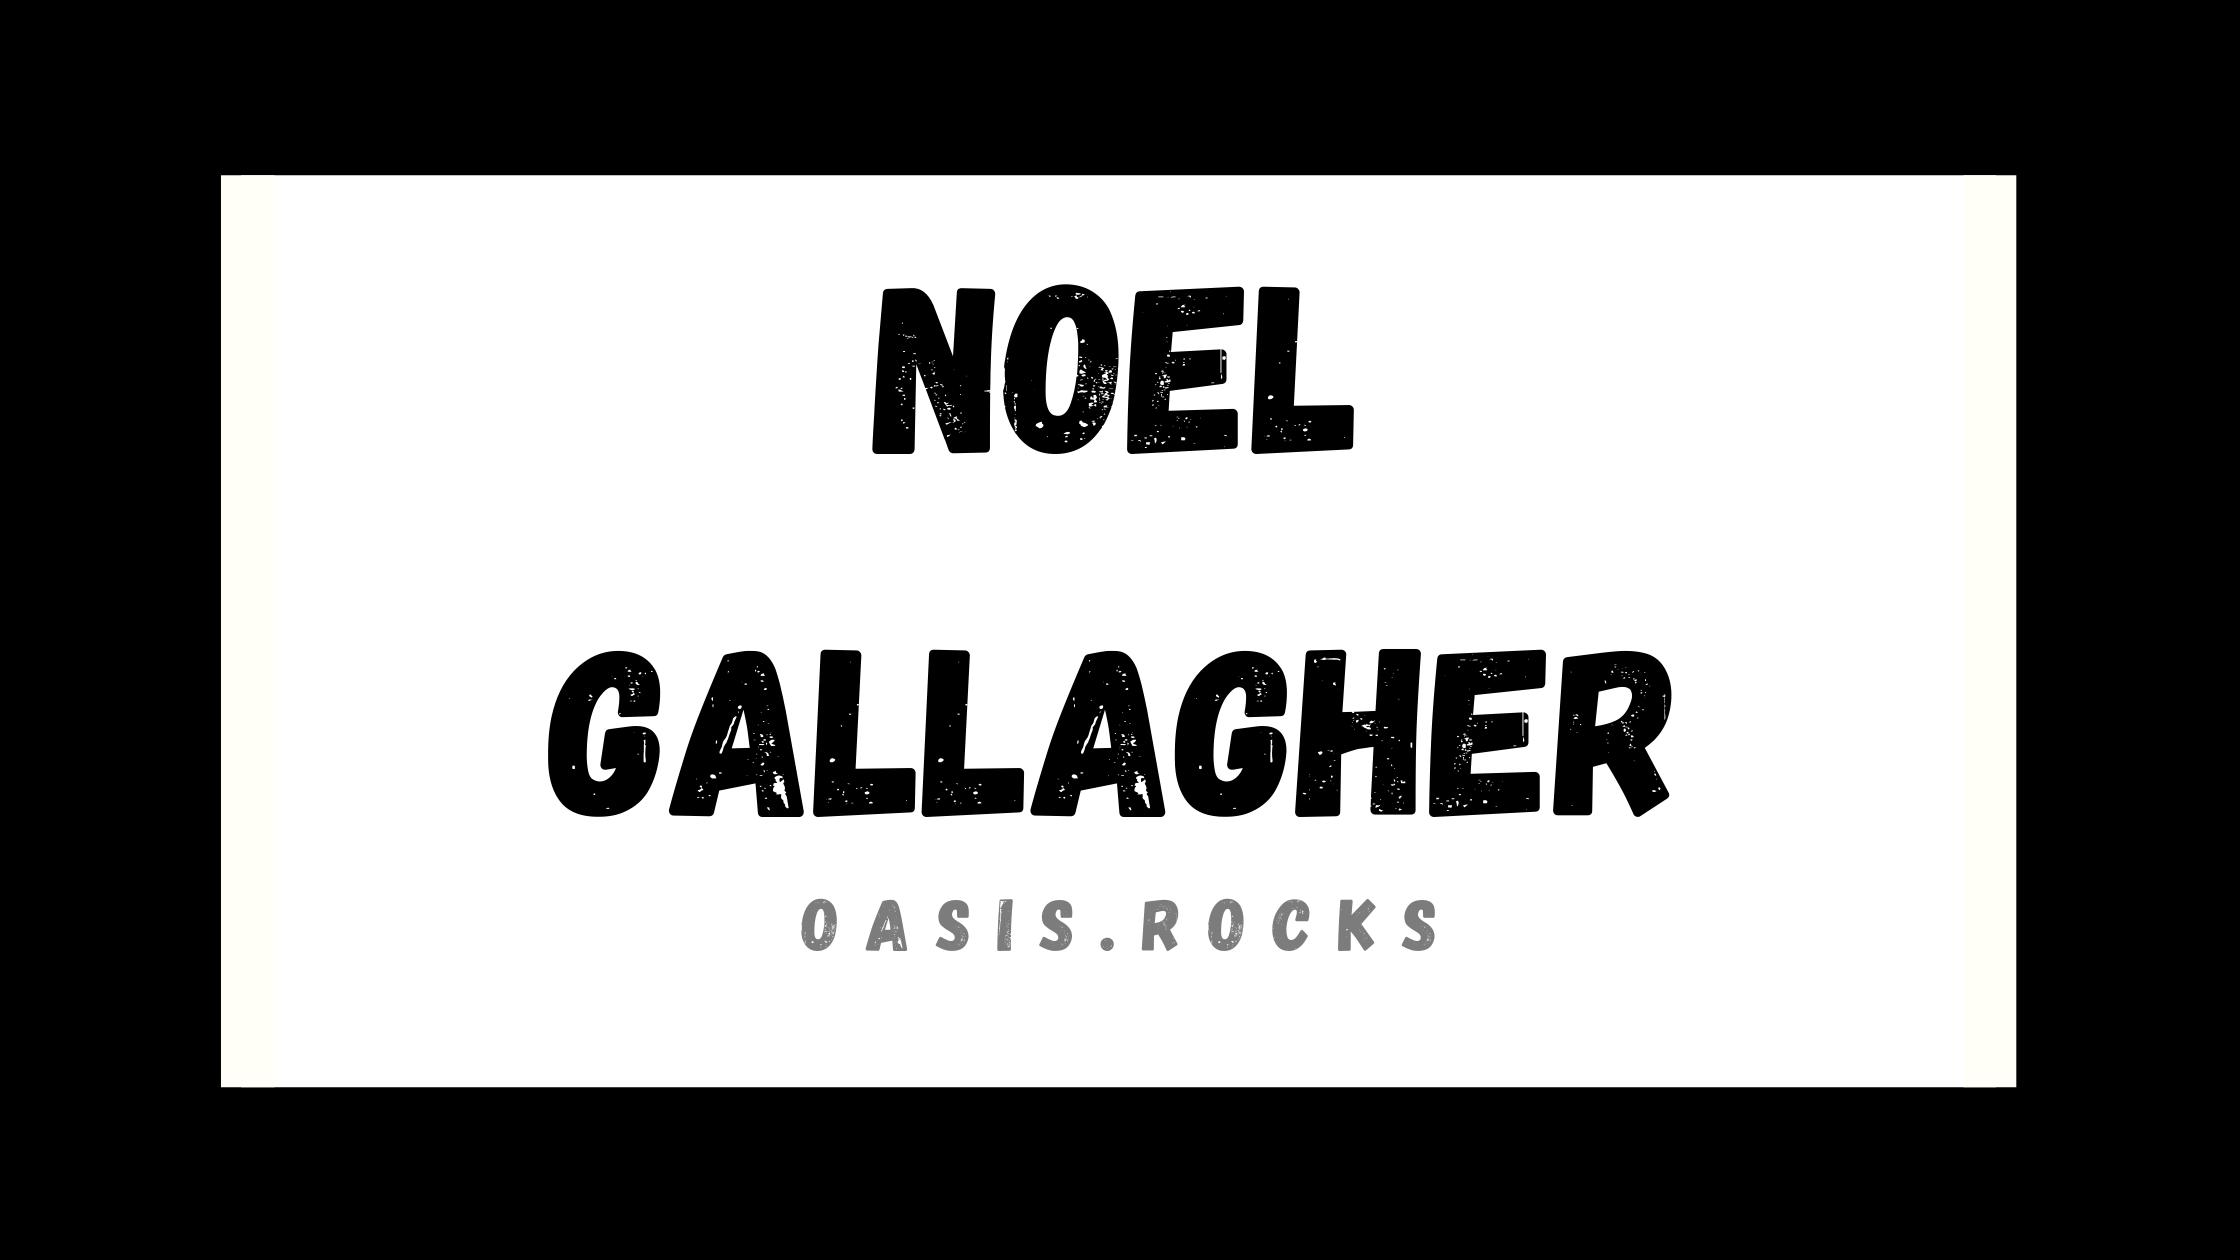 Noel Gallagher war der Kopf hinter Oasis, somit auch ein Gründungsmitglied. Mittlerweile tritt er erfolgreich mit Noel Gallagher's High Flying Birds auf.